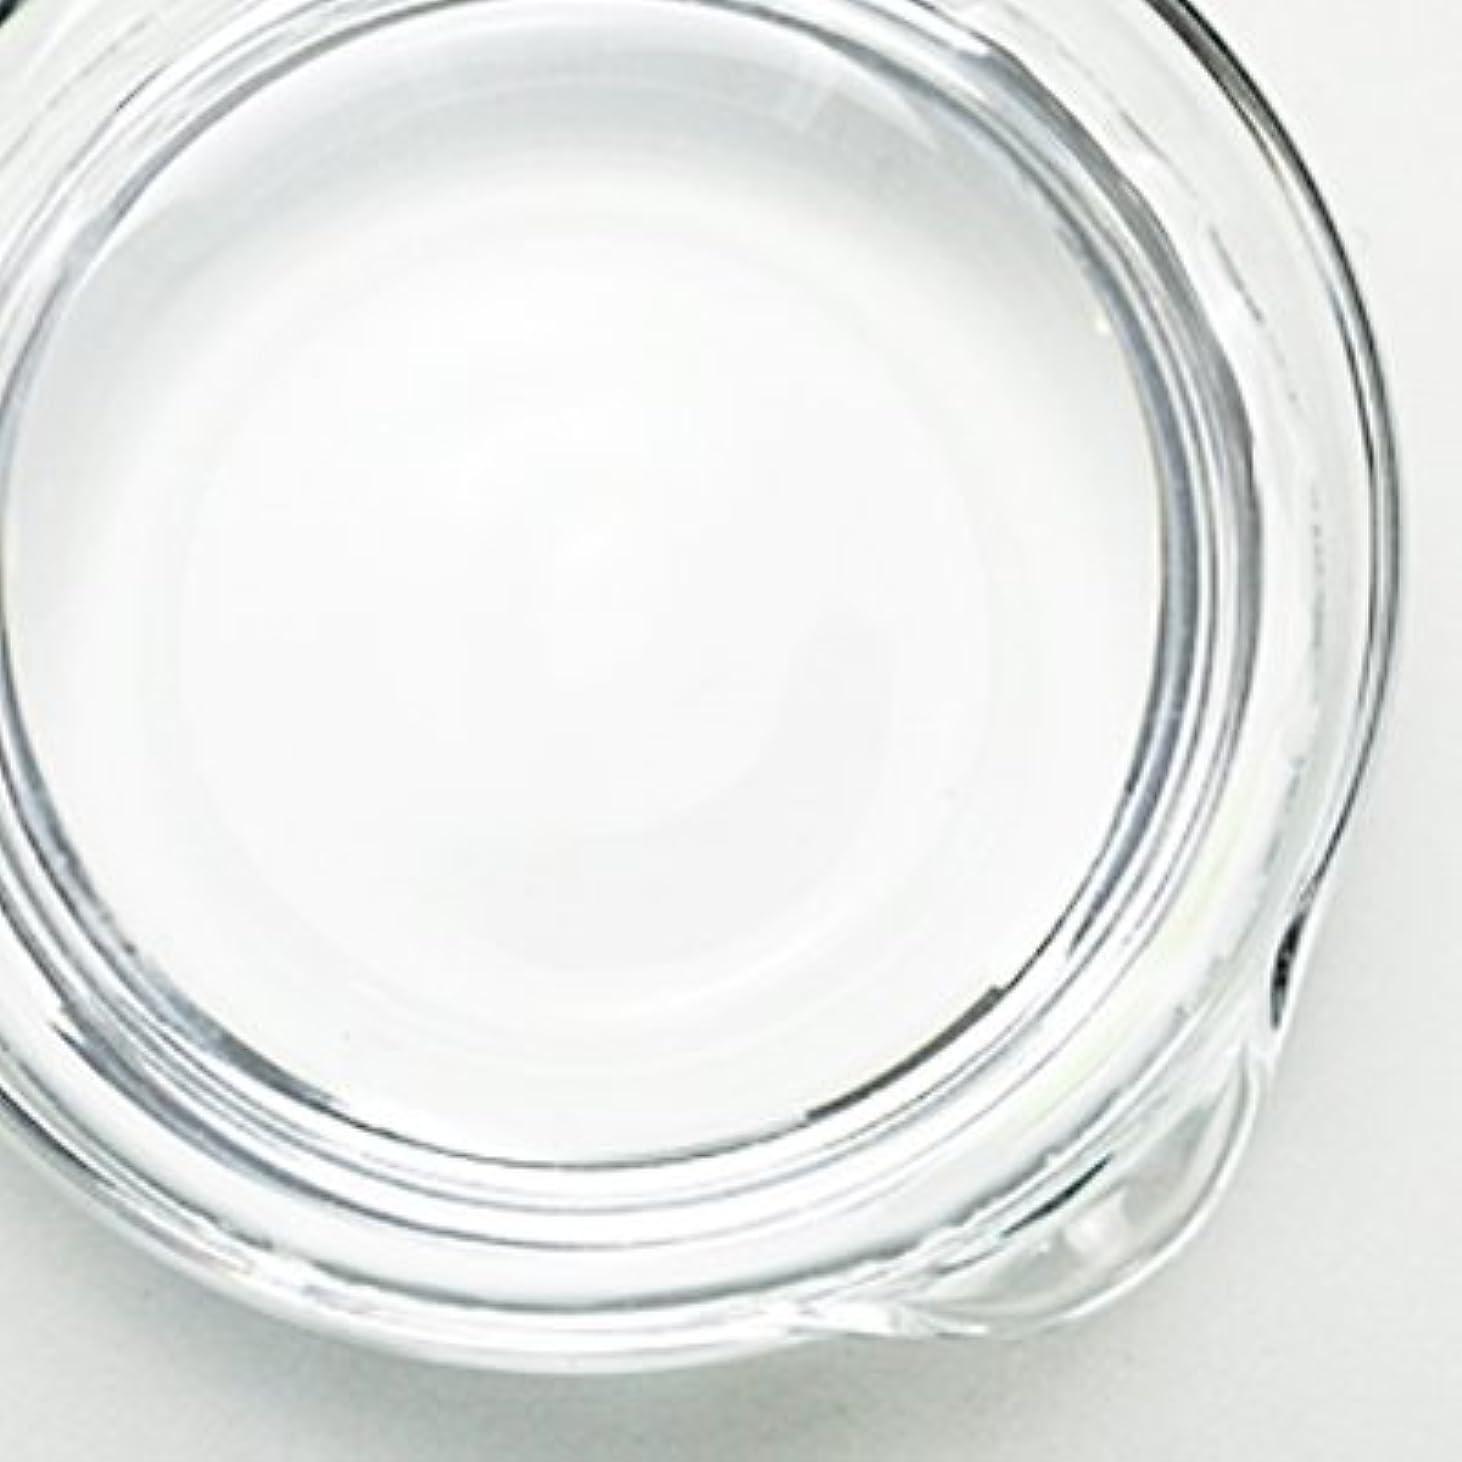 試験意外リファイン1,3-ブチレングリコール[BG] 500ml 【手作り石鹸/手作りコスメ】